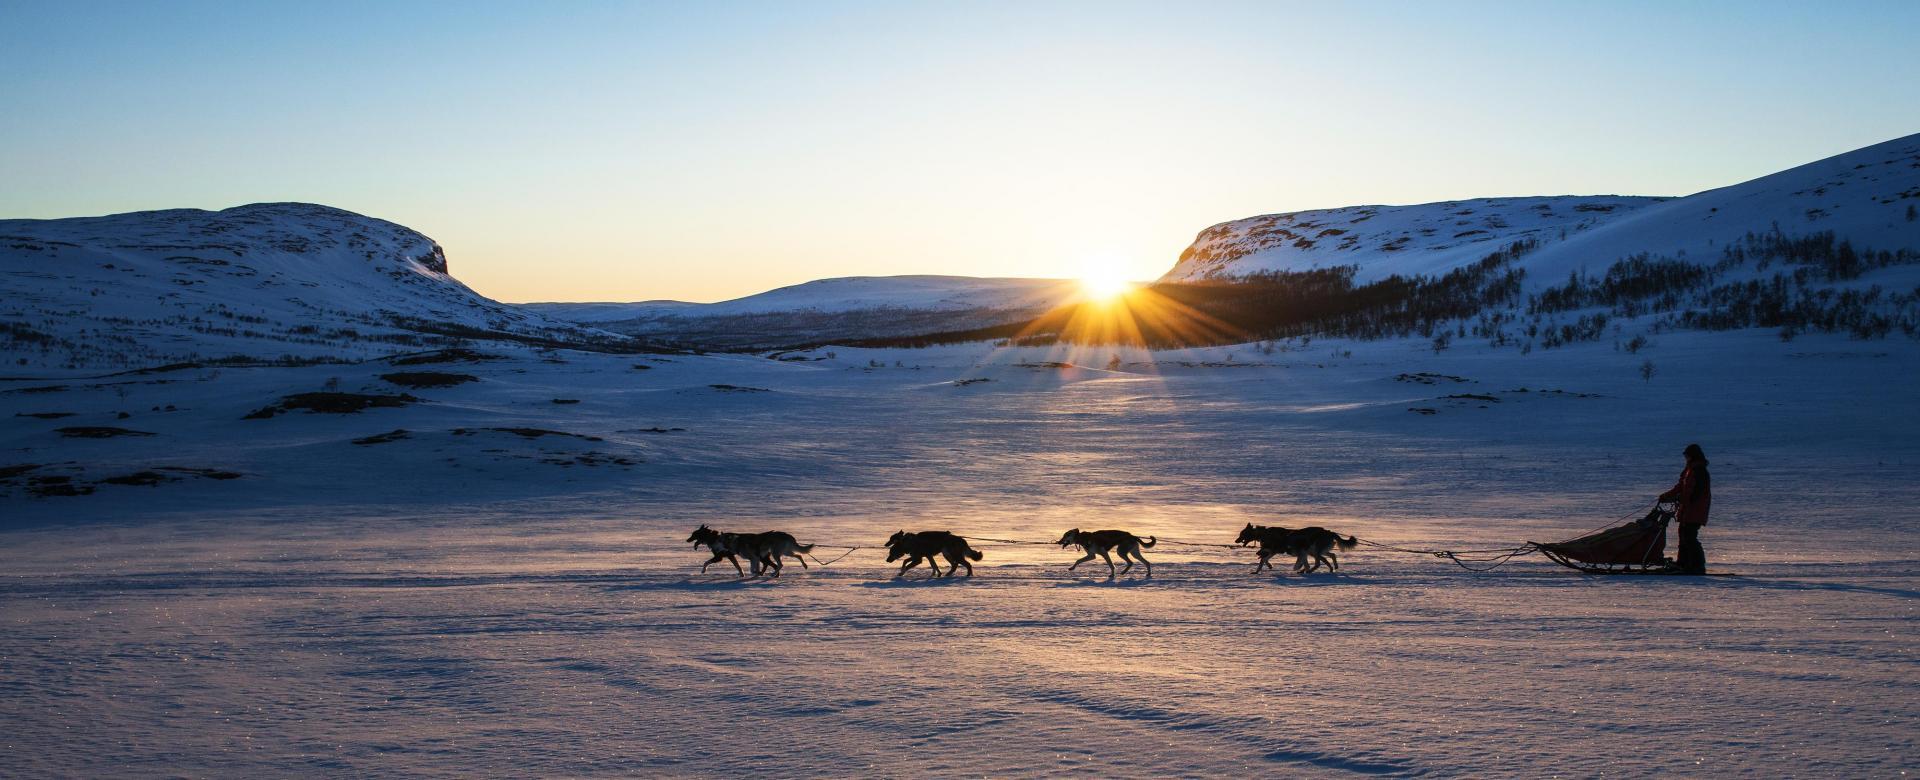 Voyage à pied : L\'aventure en traîneau à chiens